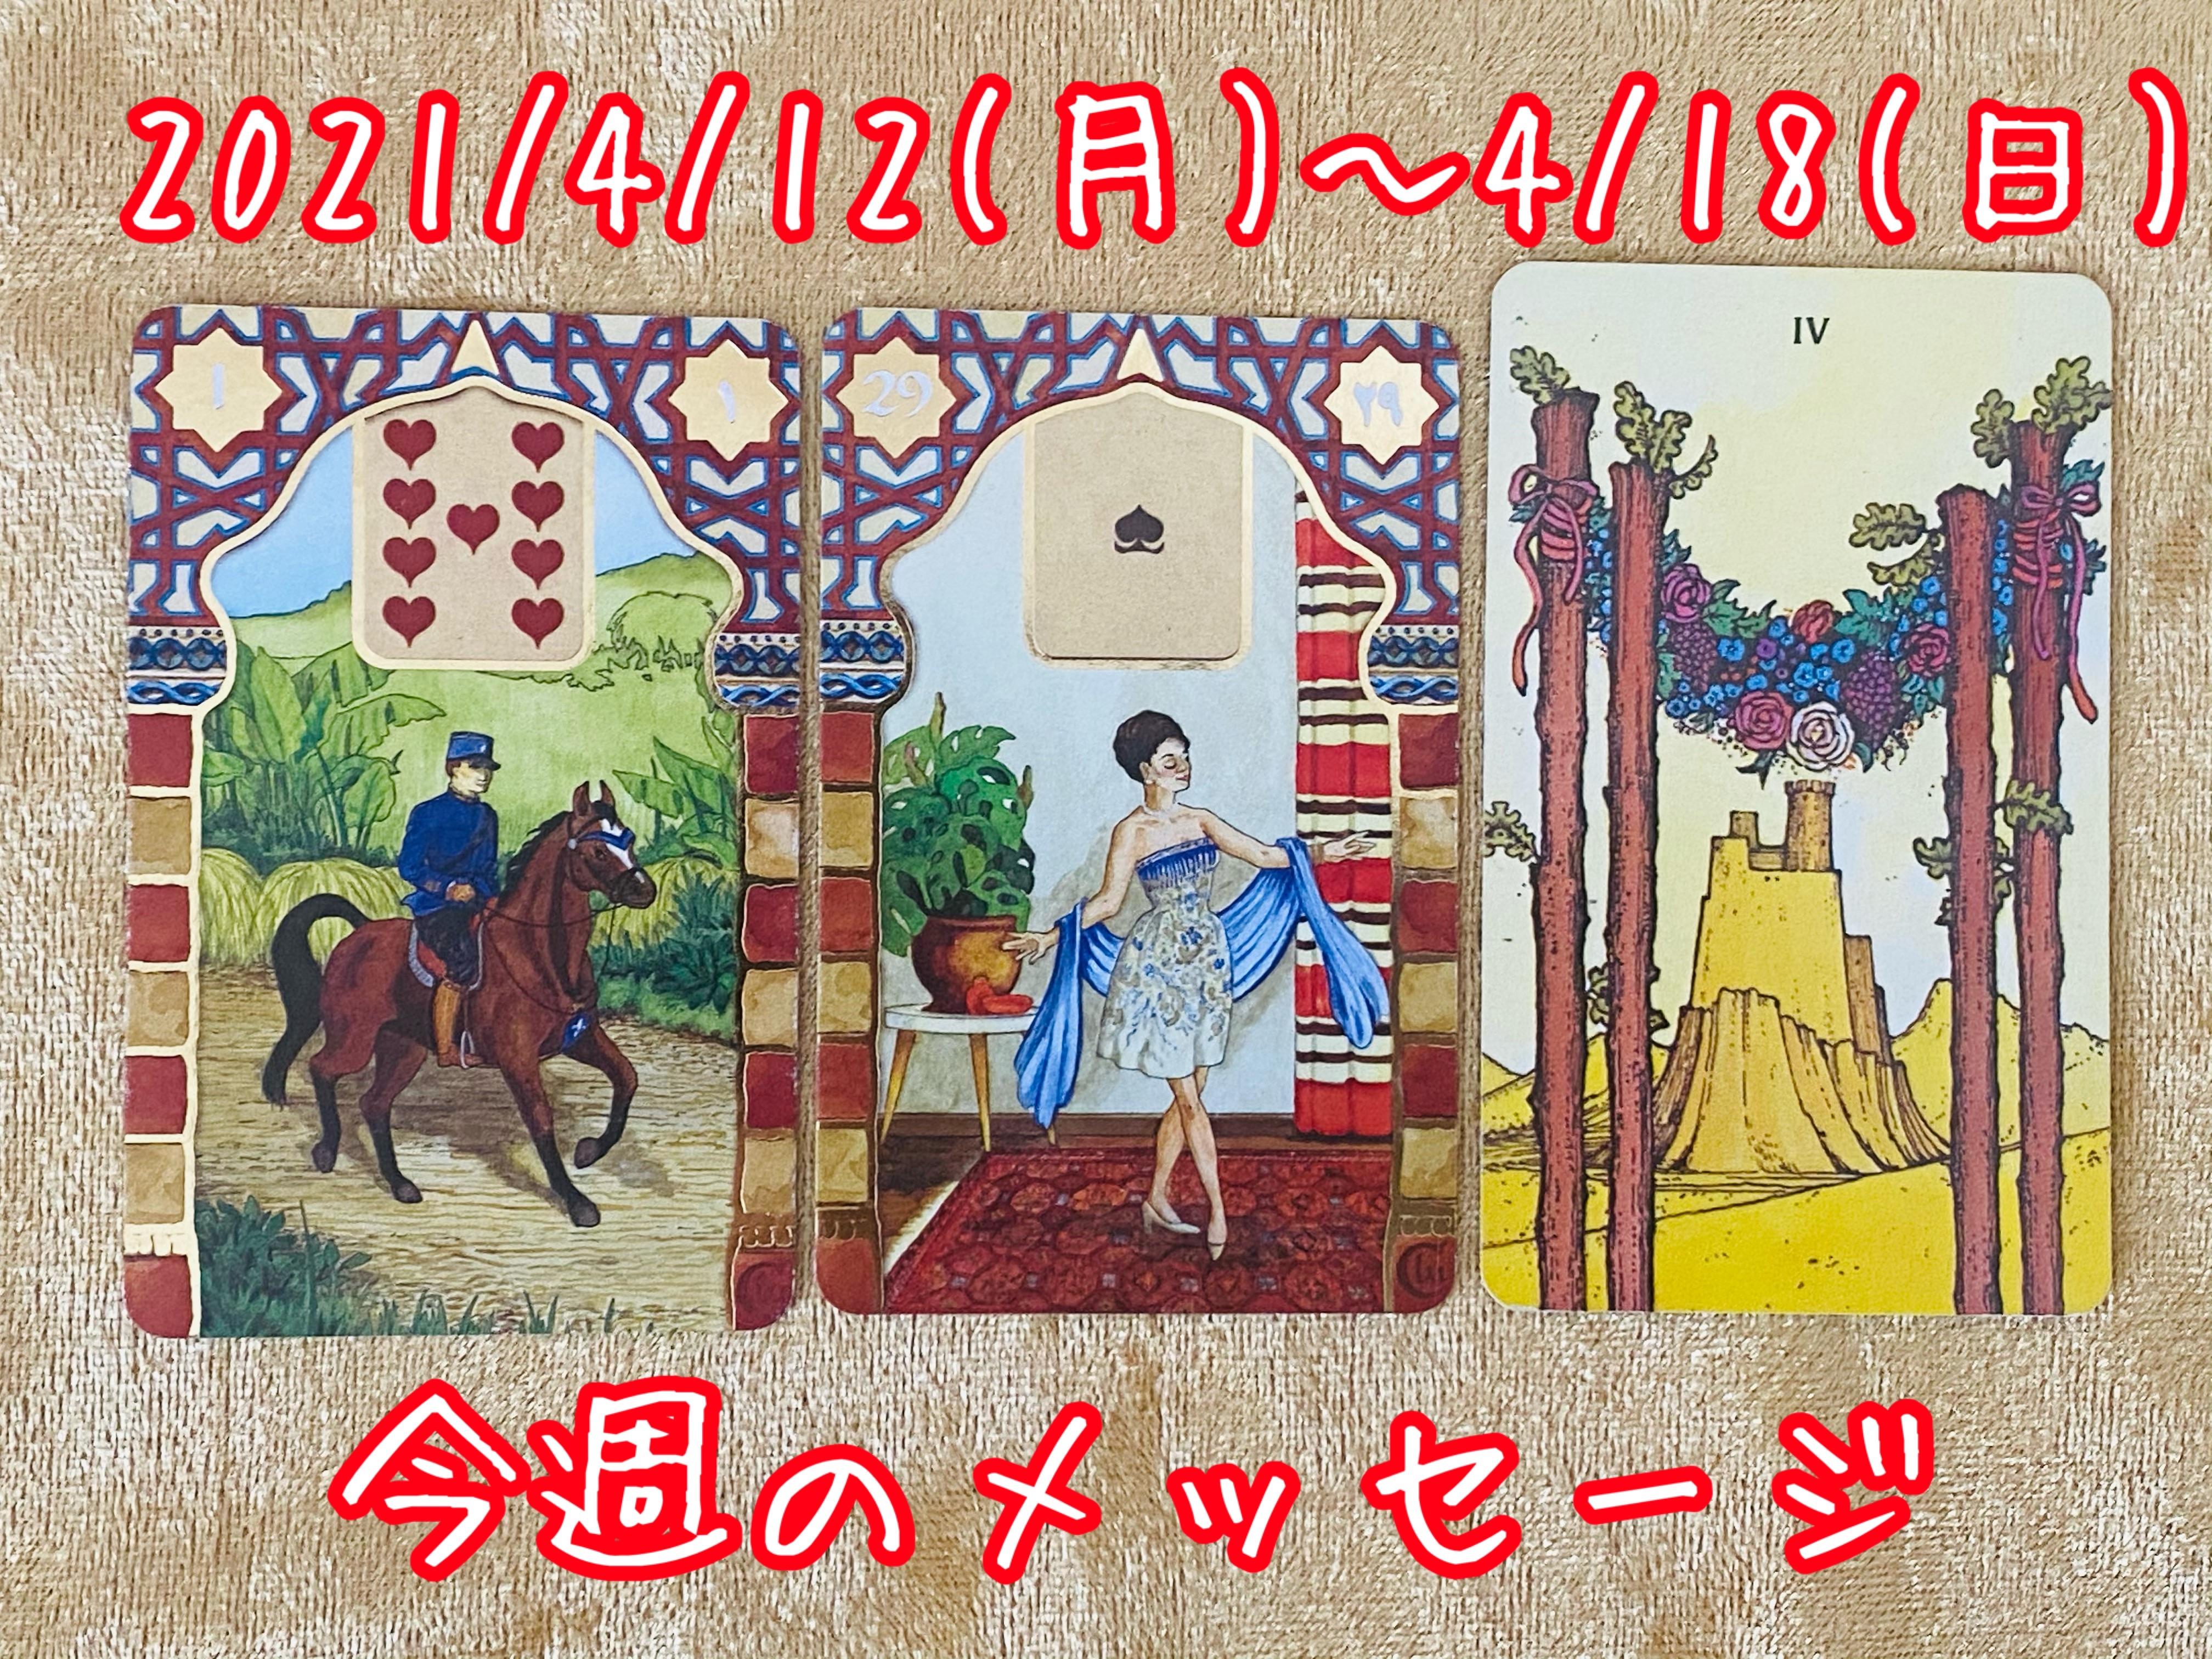 f:id:hana_su-hi:20210411174545j:image